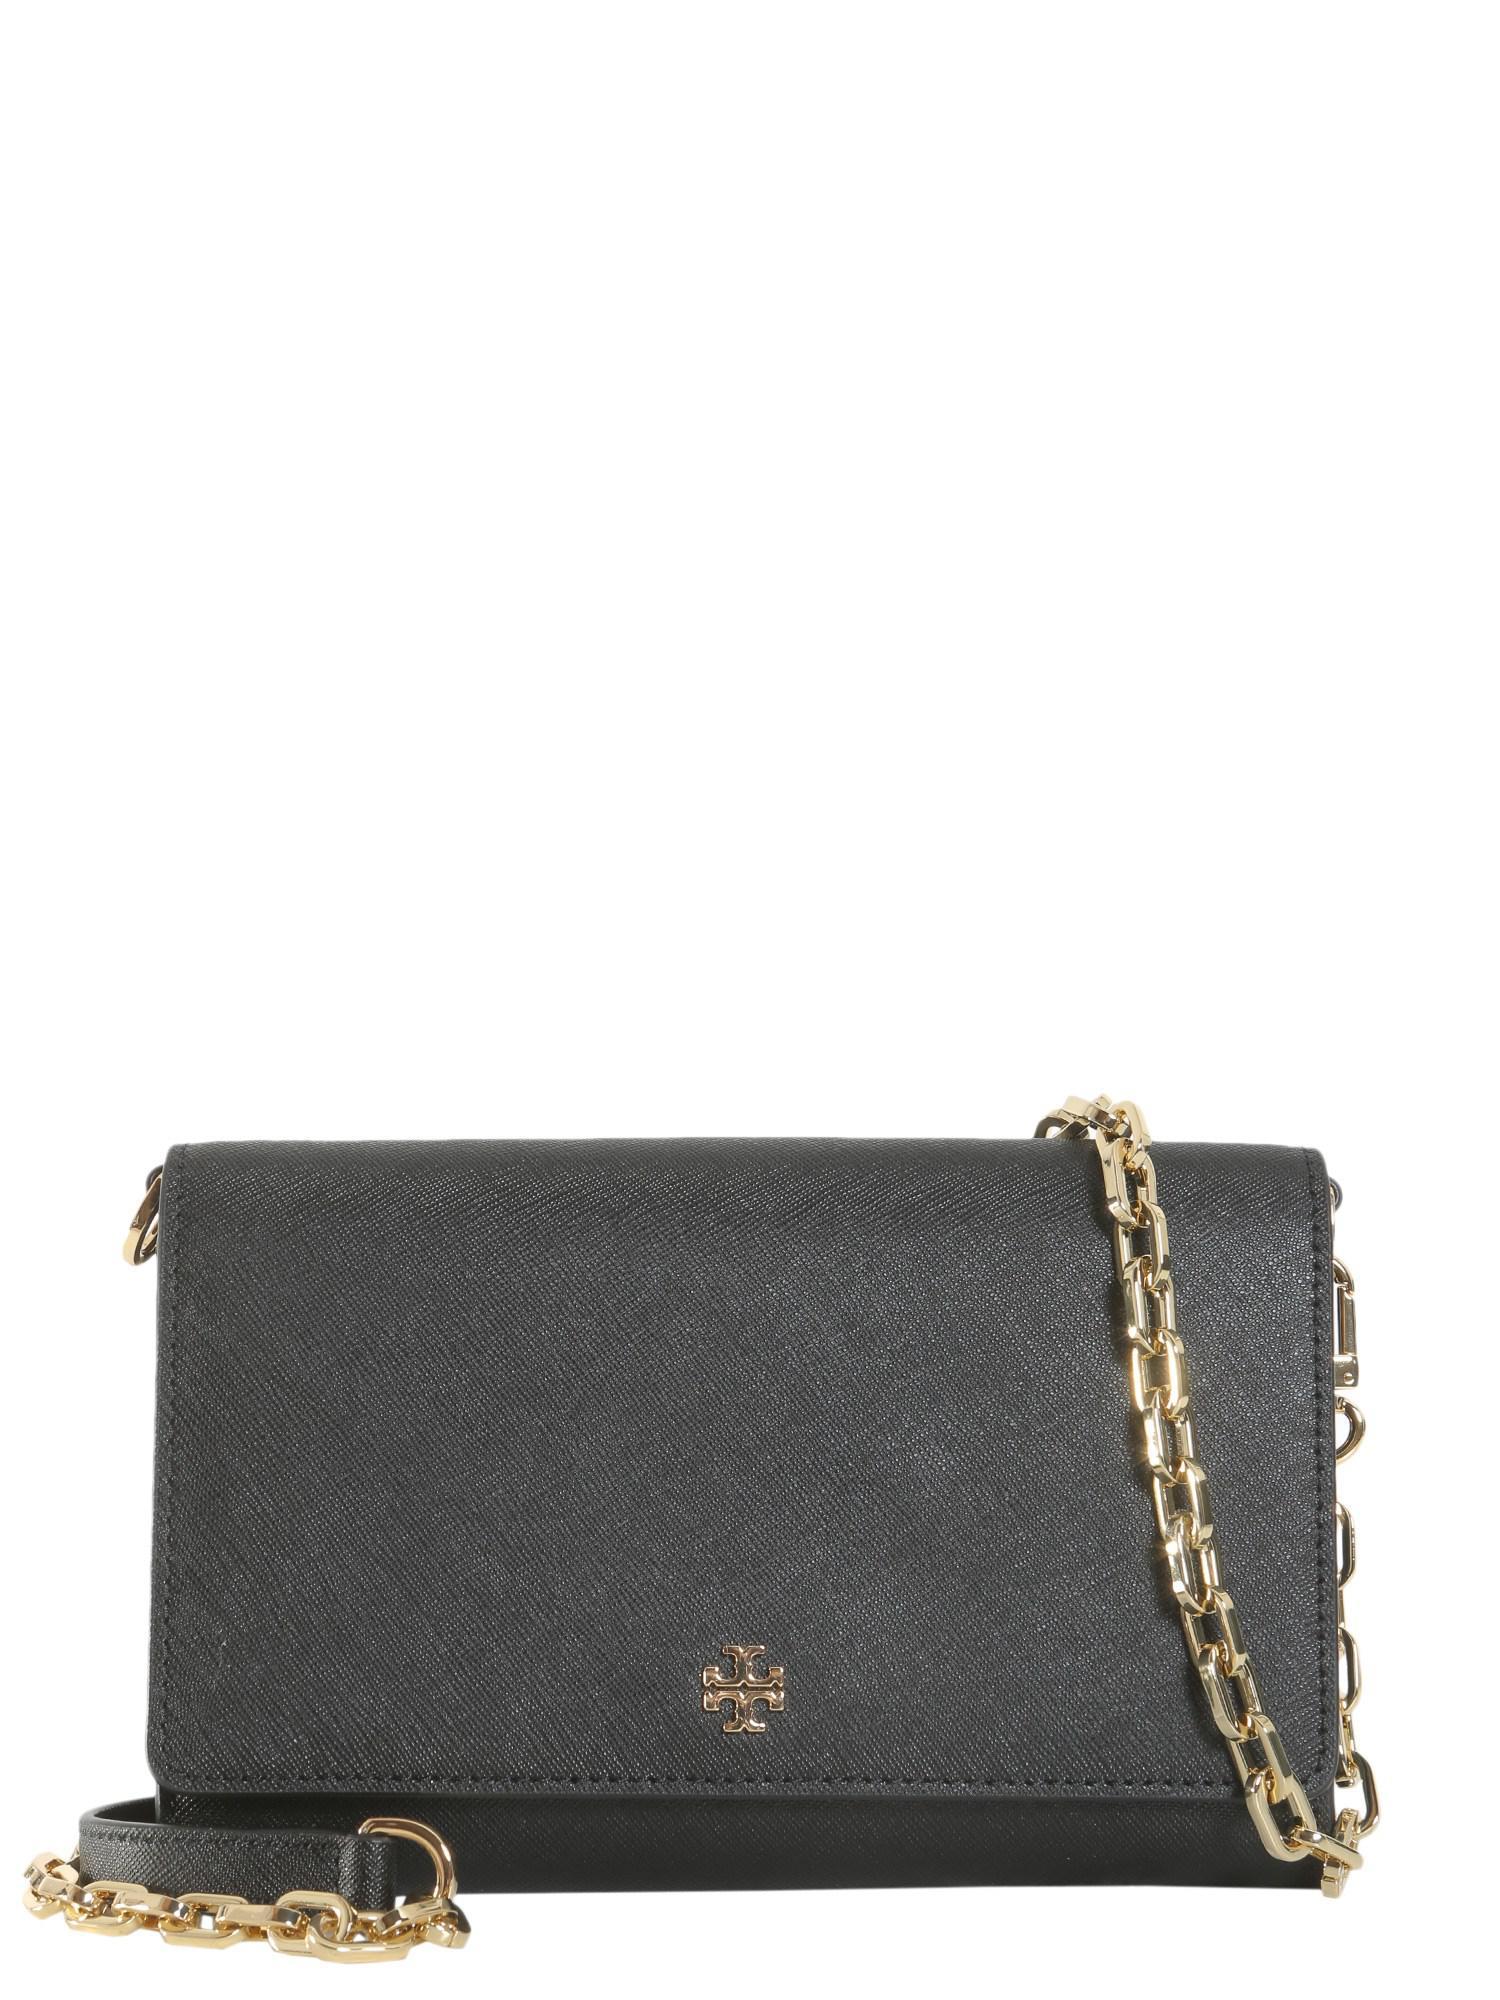 7c3328f9c211 Tory Burch Robinson Crossbody Wallet in Black - Lyst